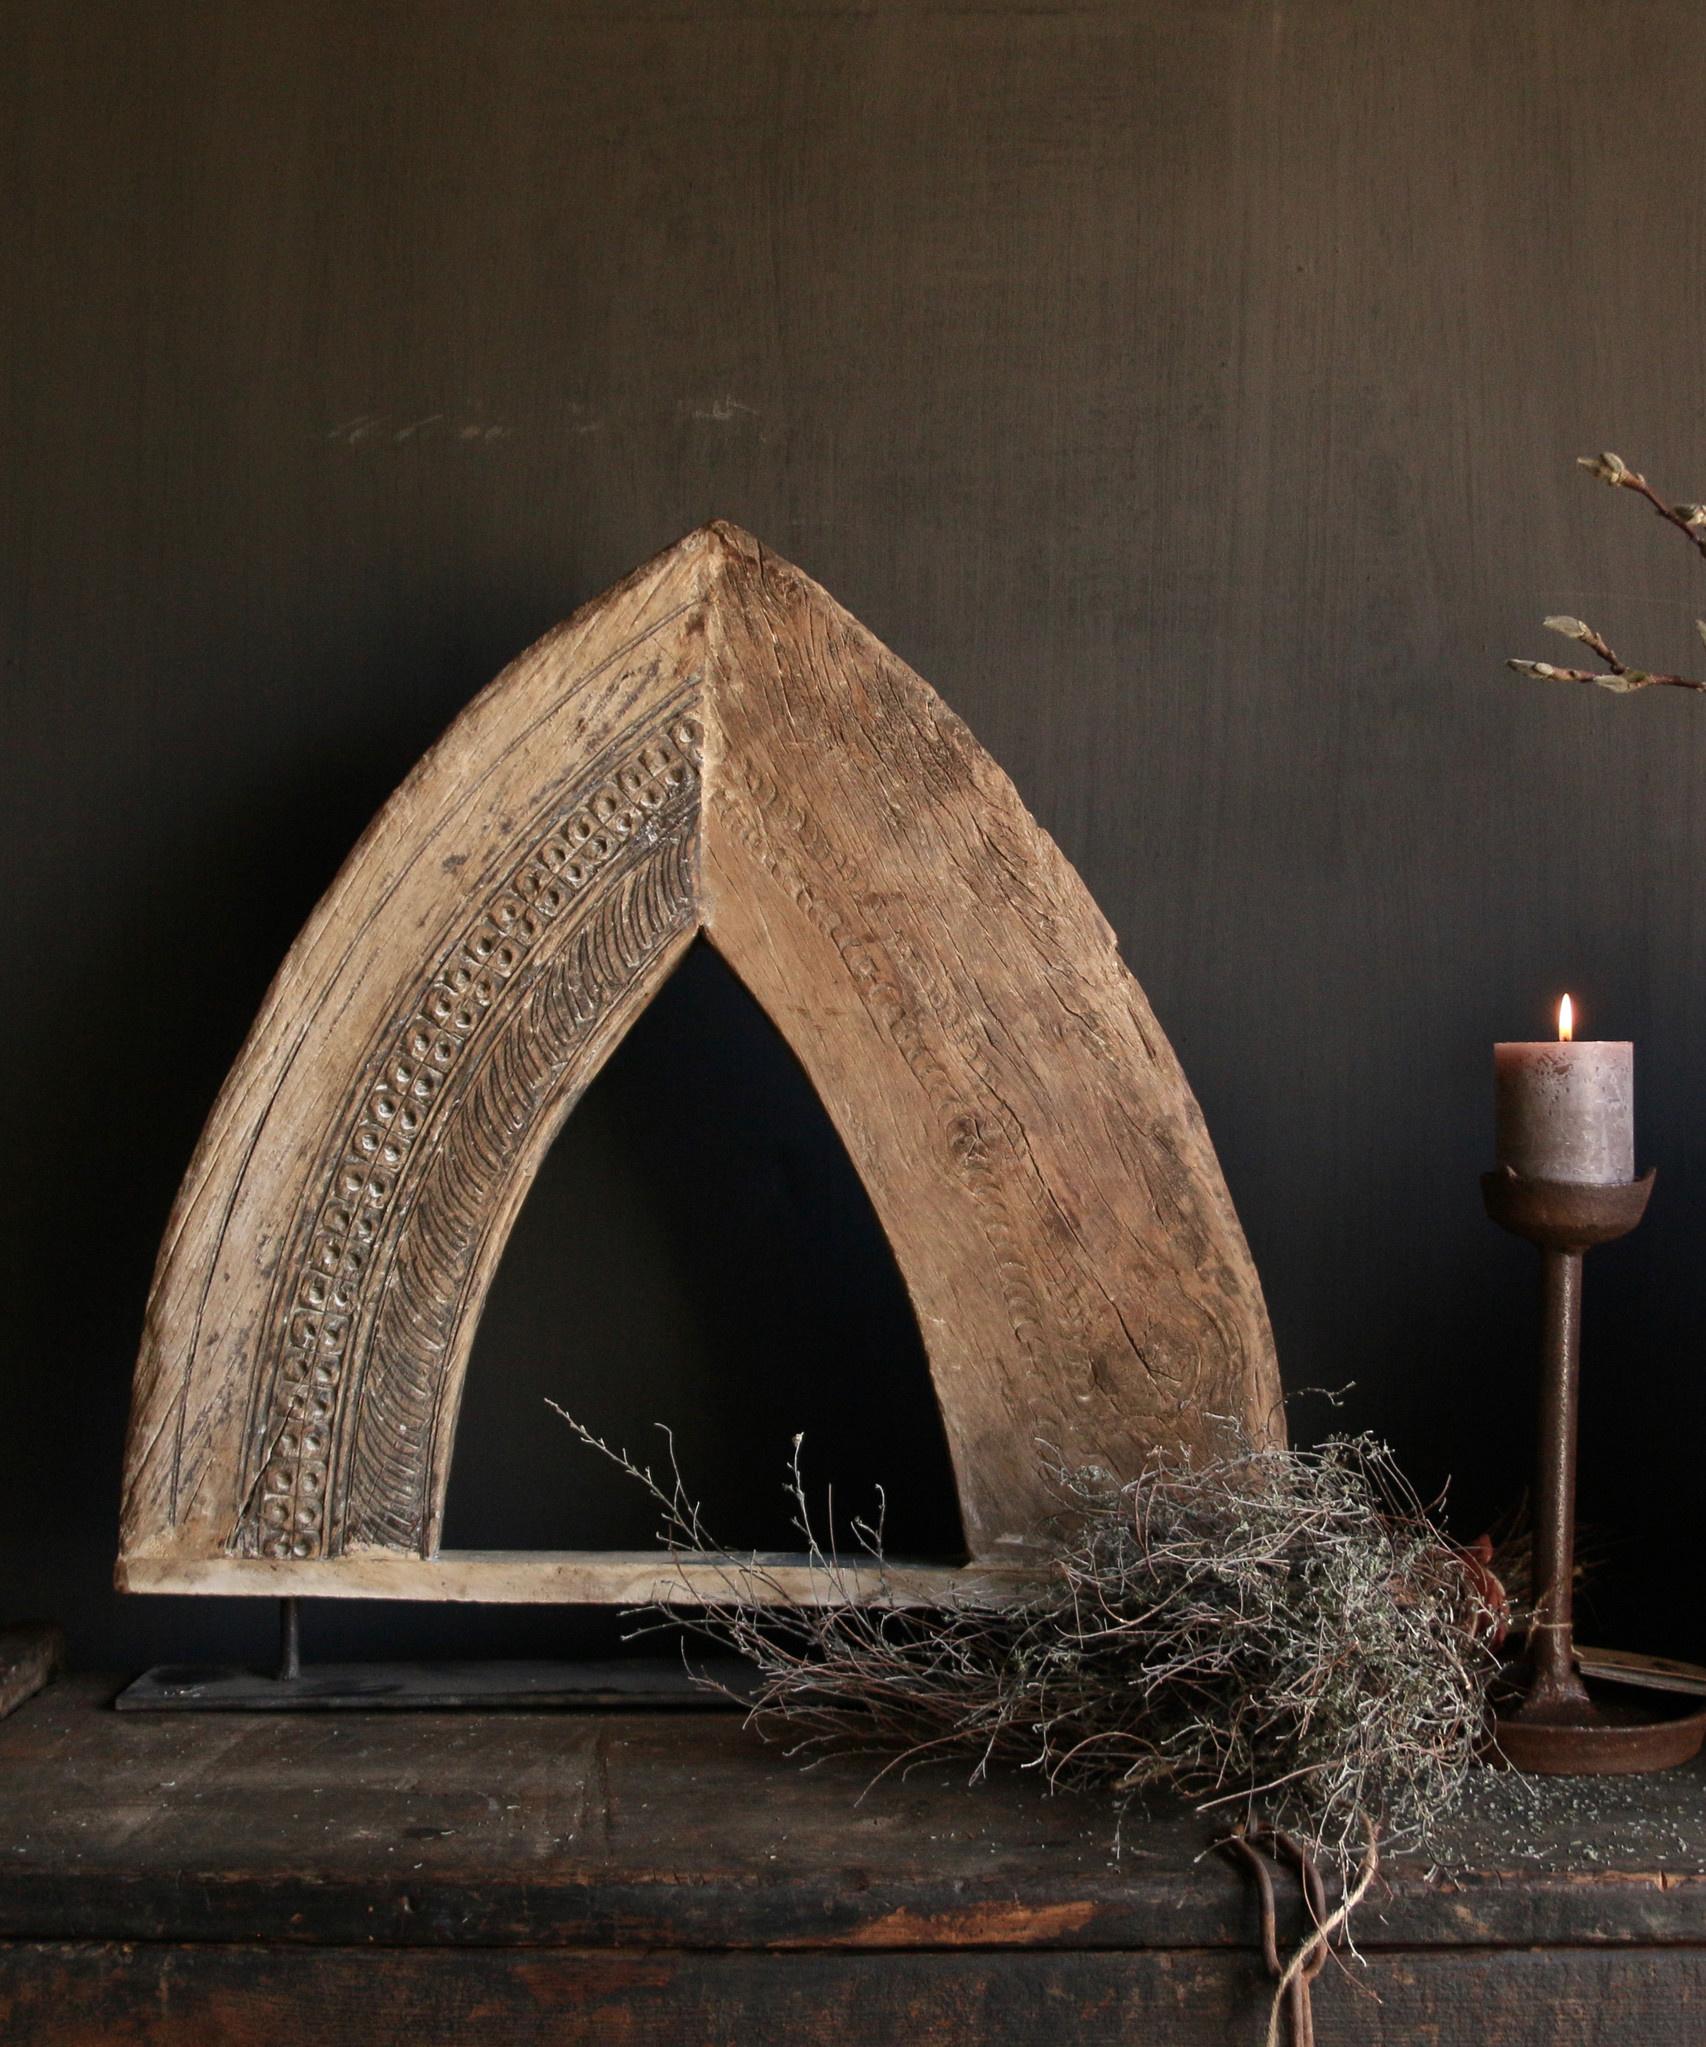 Stoer houten  raam kozijn in de vorm van een driehoek-1